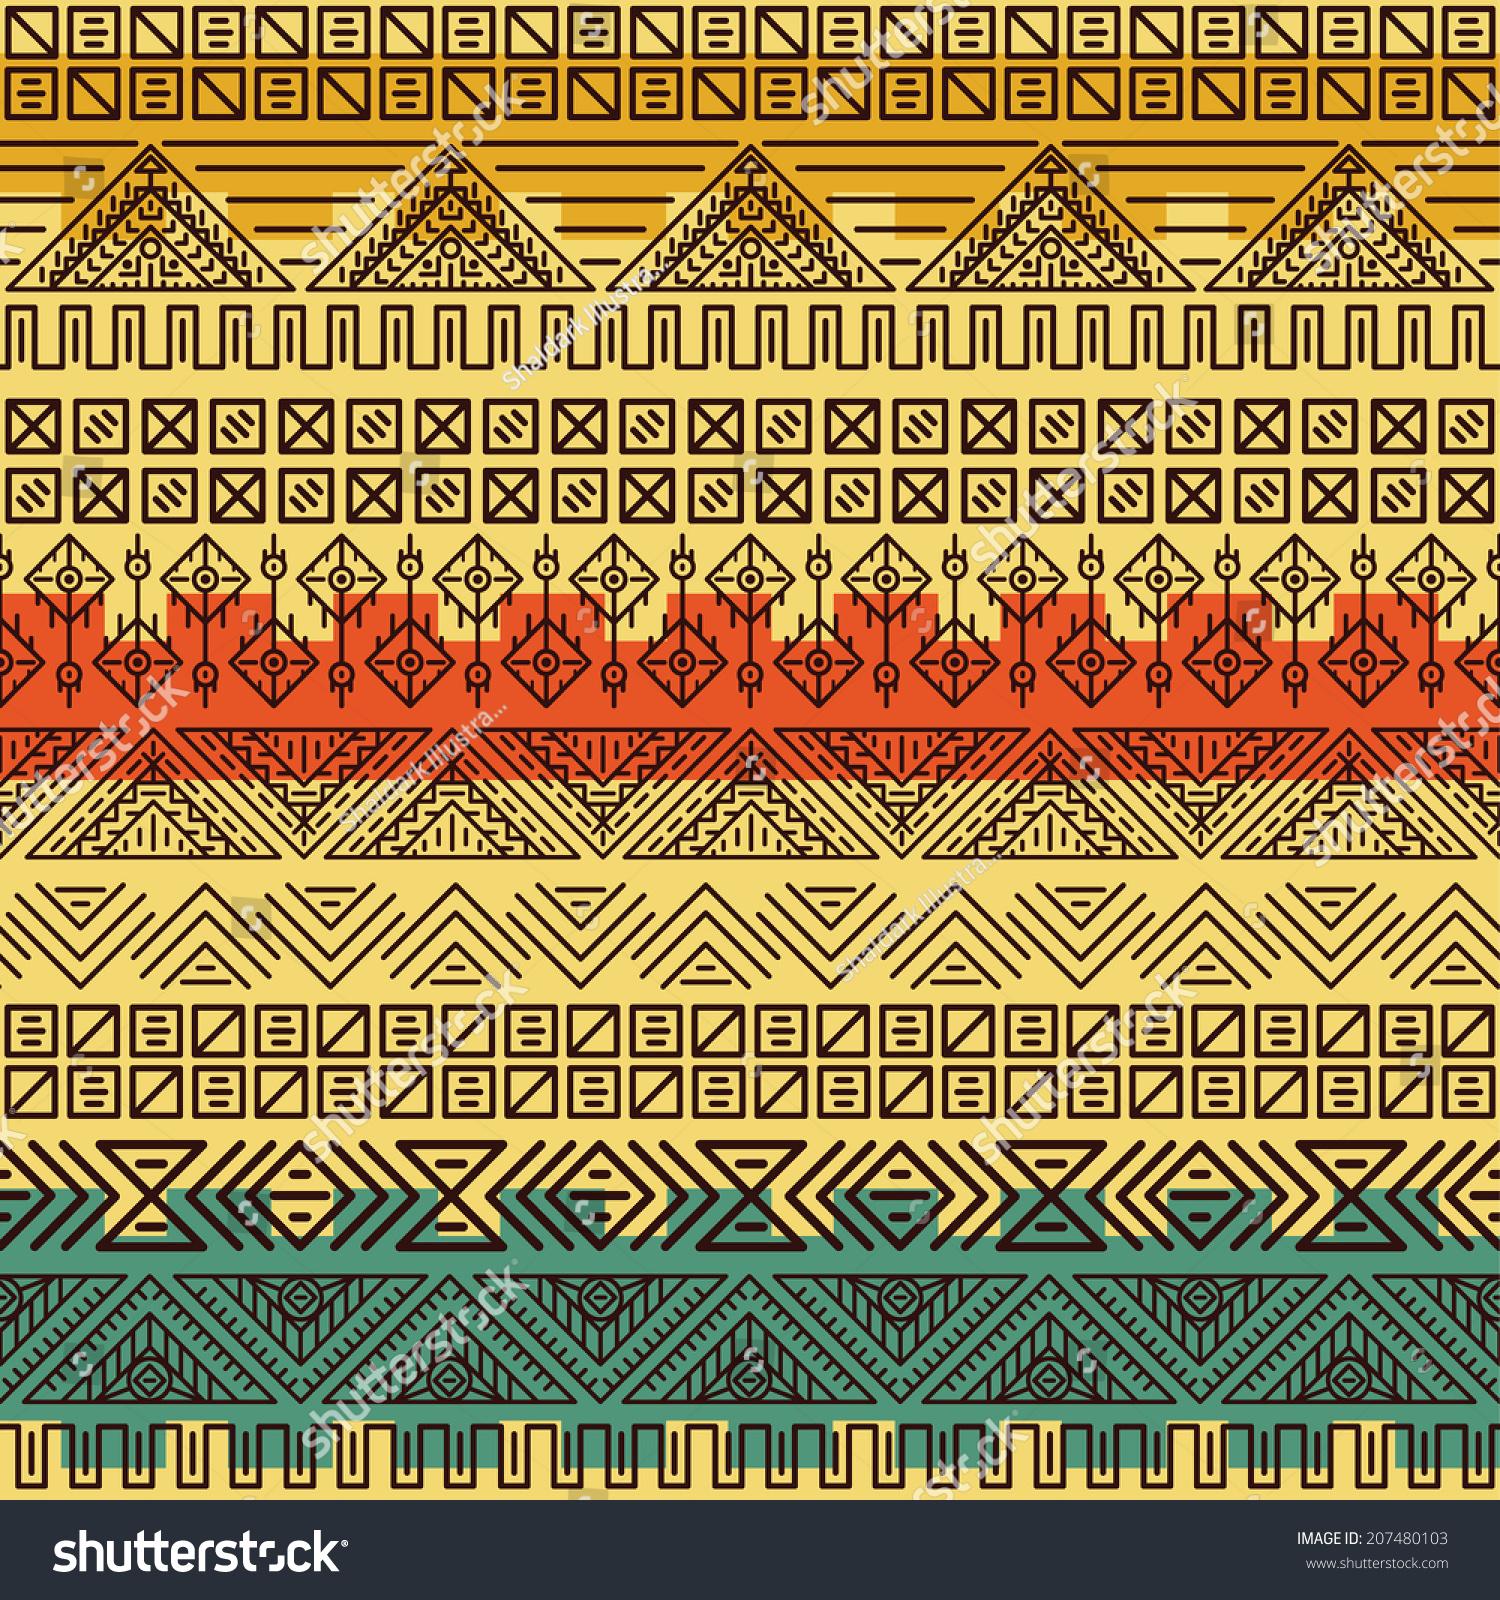 Aztec stock